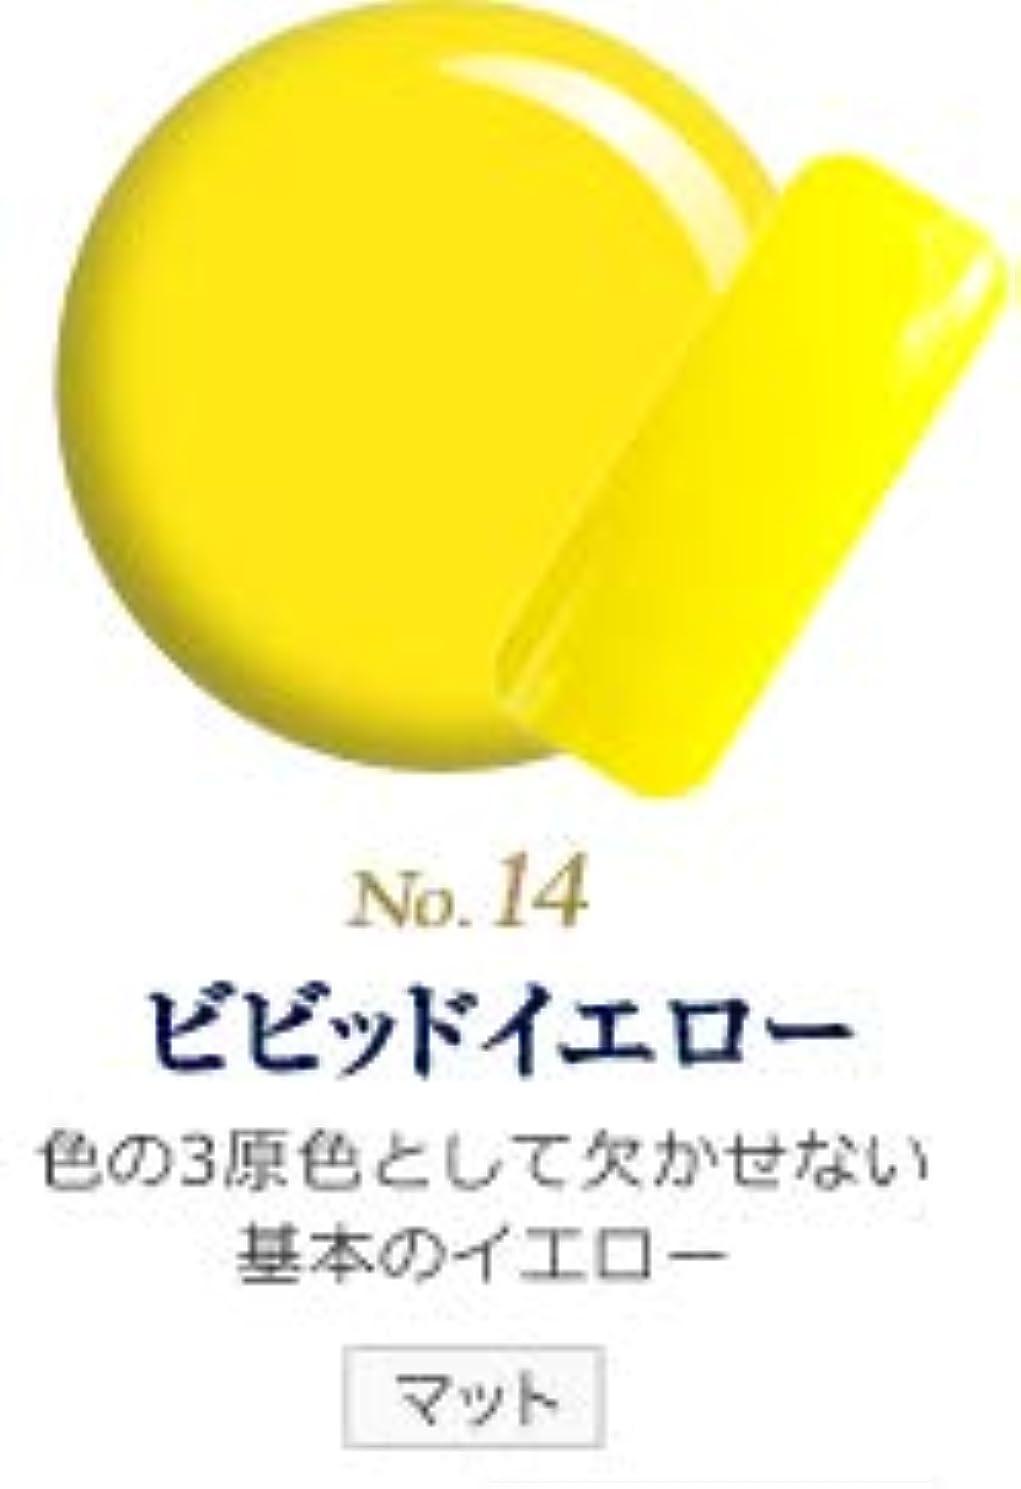 リングバンガローモーテル発色抜群 削らなくてもオフが出来る 新グレースジェルカラーNo.11~No.209 (ビビッドイエロー)